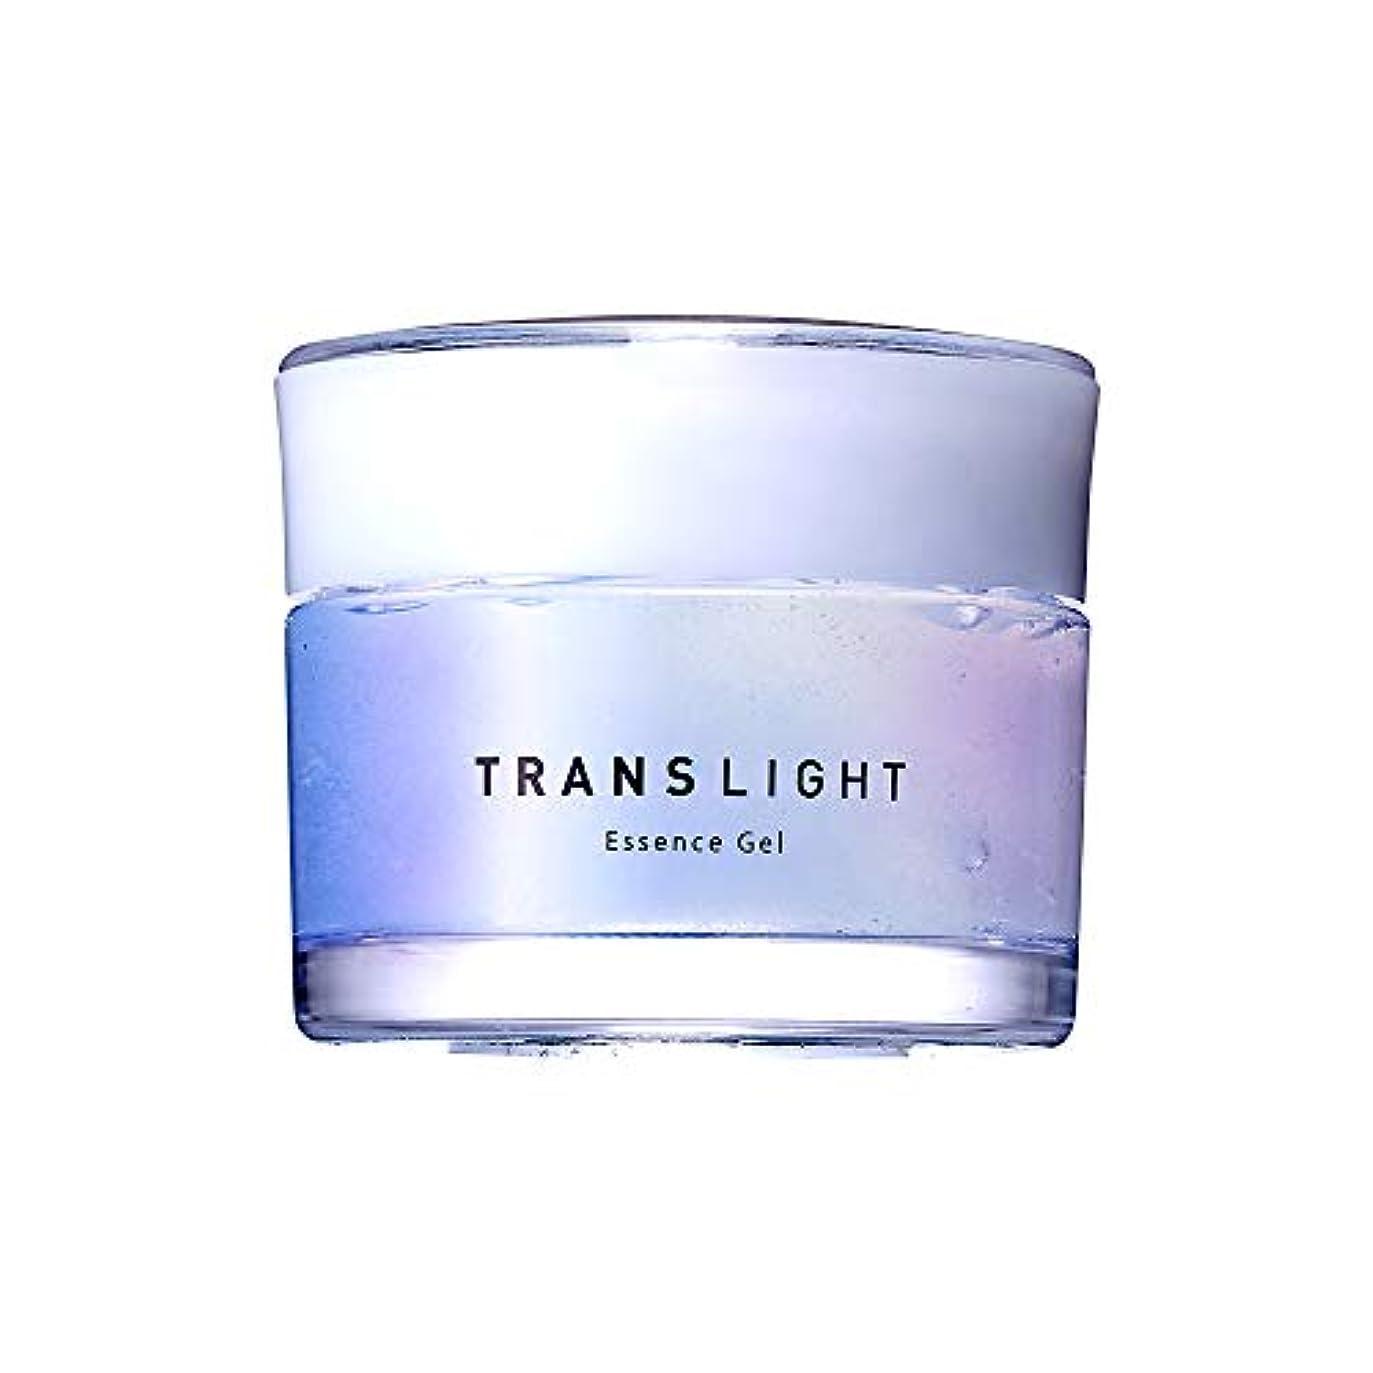 デコラティブバンジョーボックスTRANSLIGHT トランスライト エッセンスジェル <ジェル状美容液> 30g